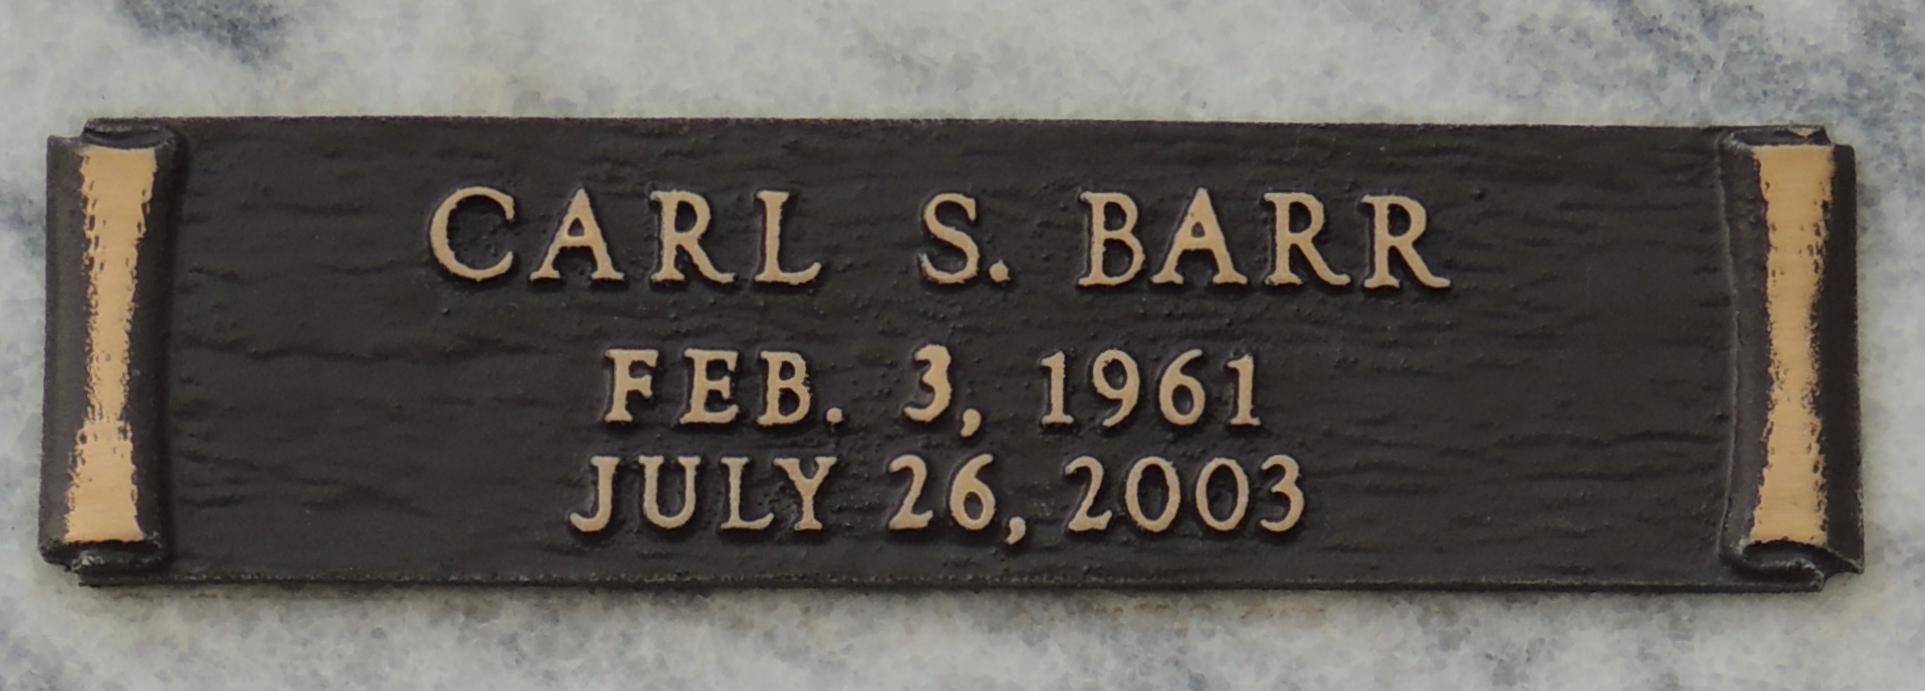 Carl Scott Barr